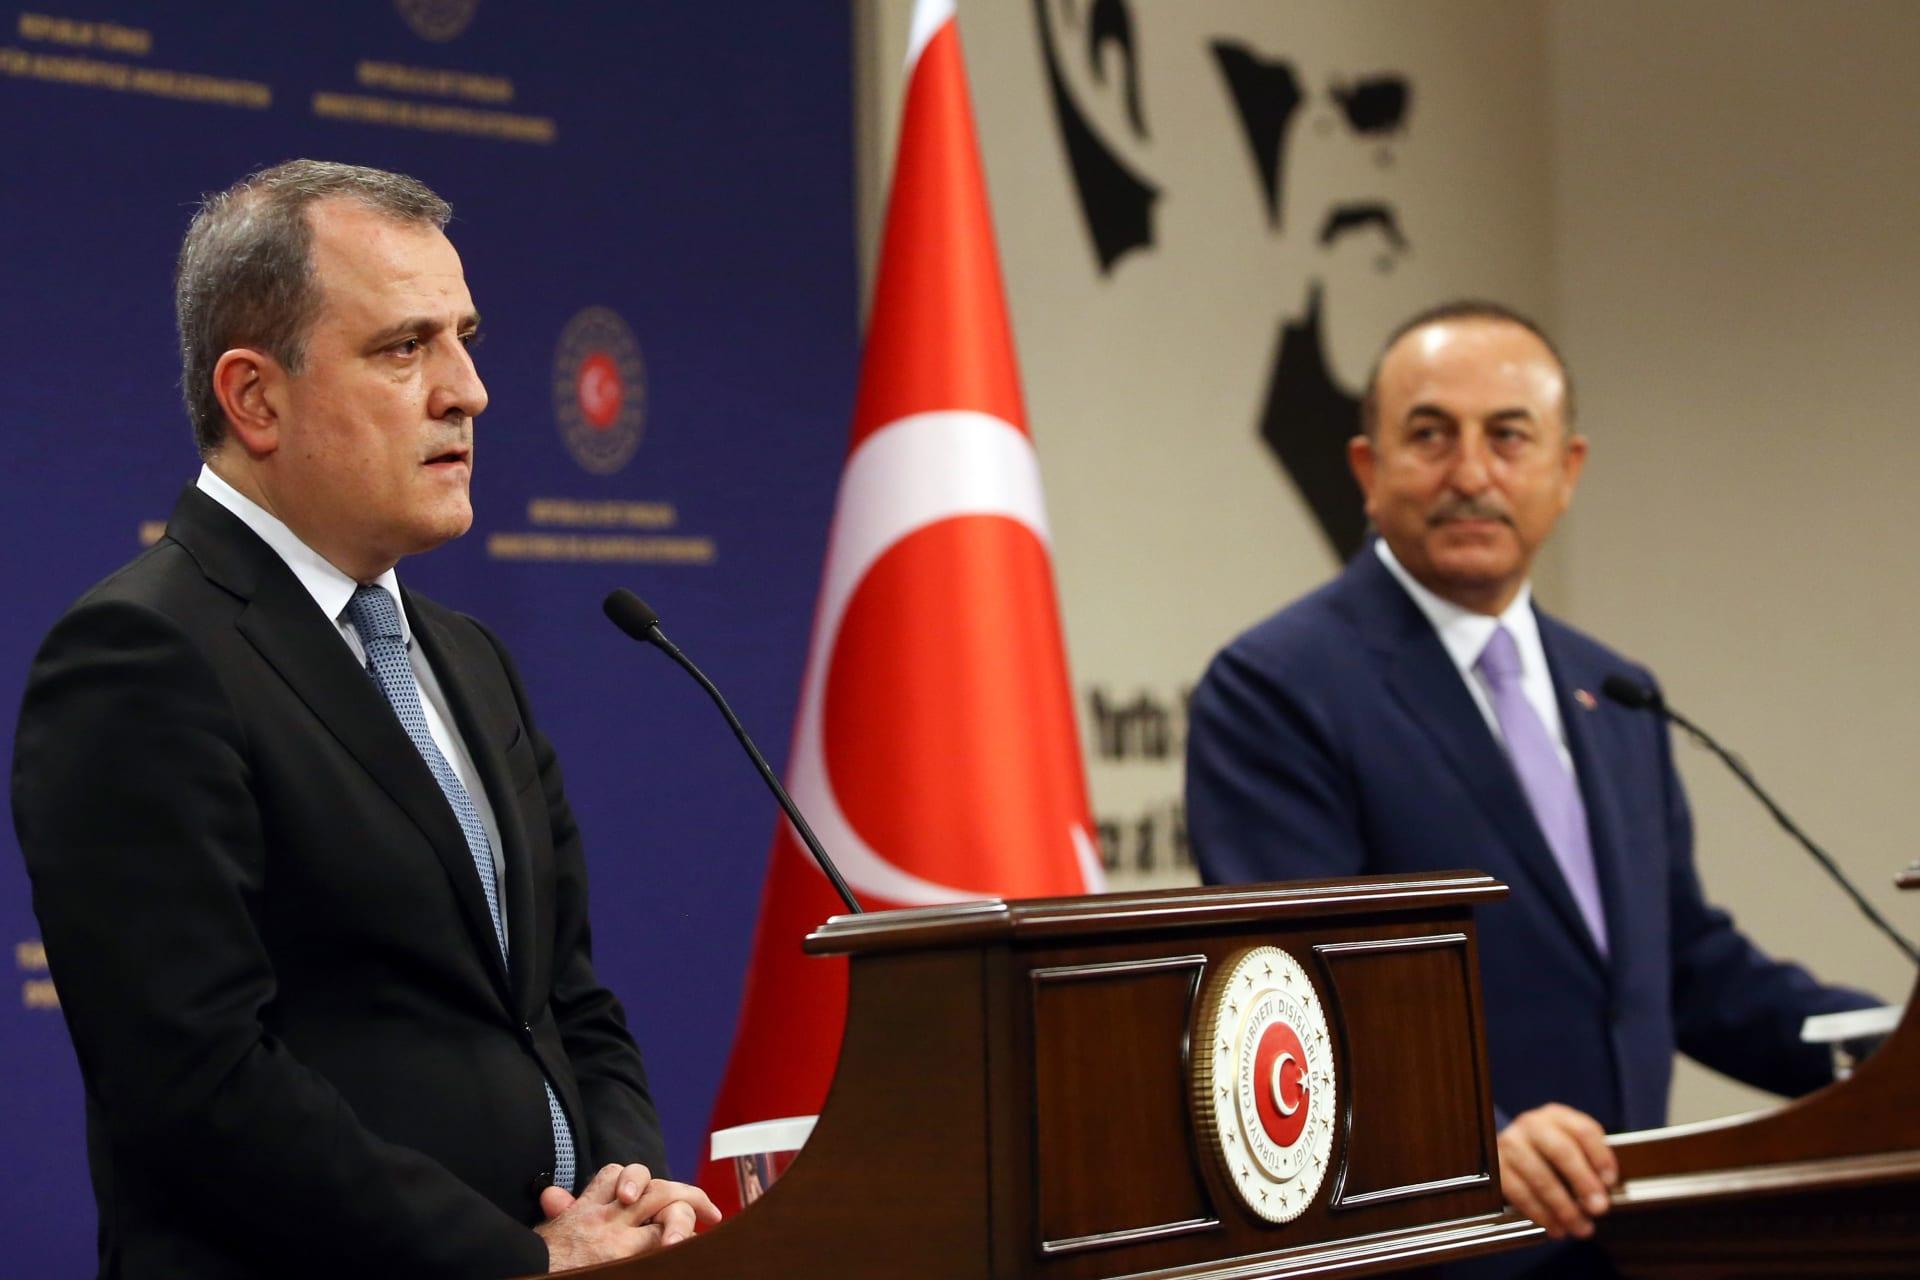 بظل التصعيد.. تركيا تتهم أرمينيا بمهاجمة أذربيجان: تقف ضد السلام والاستقرار